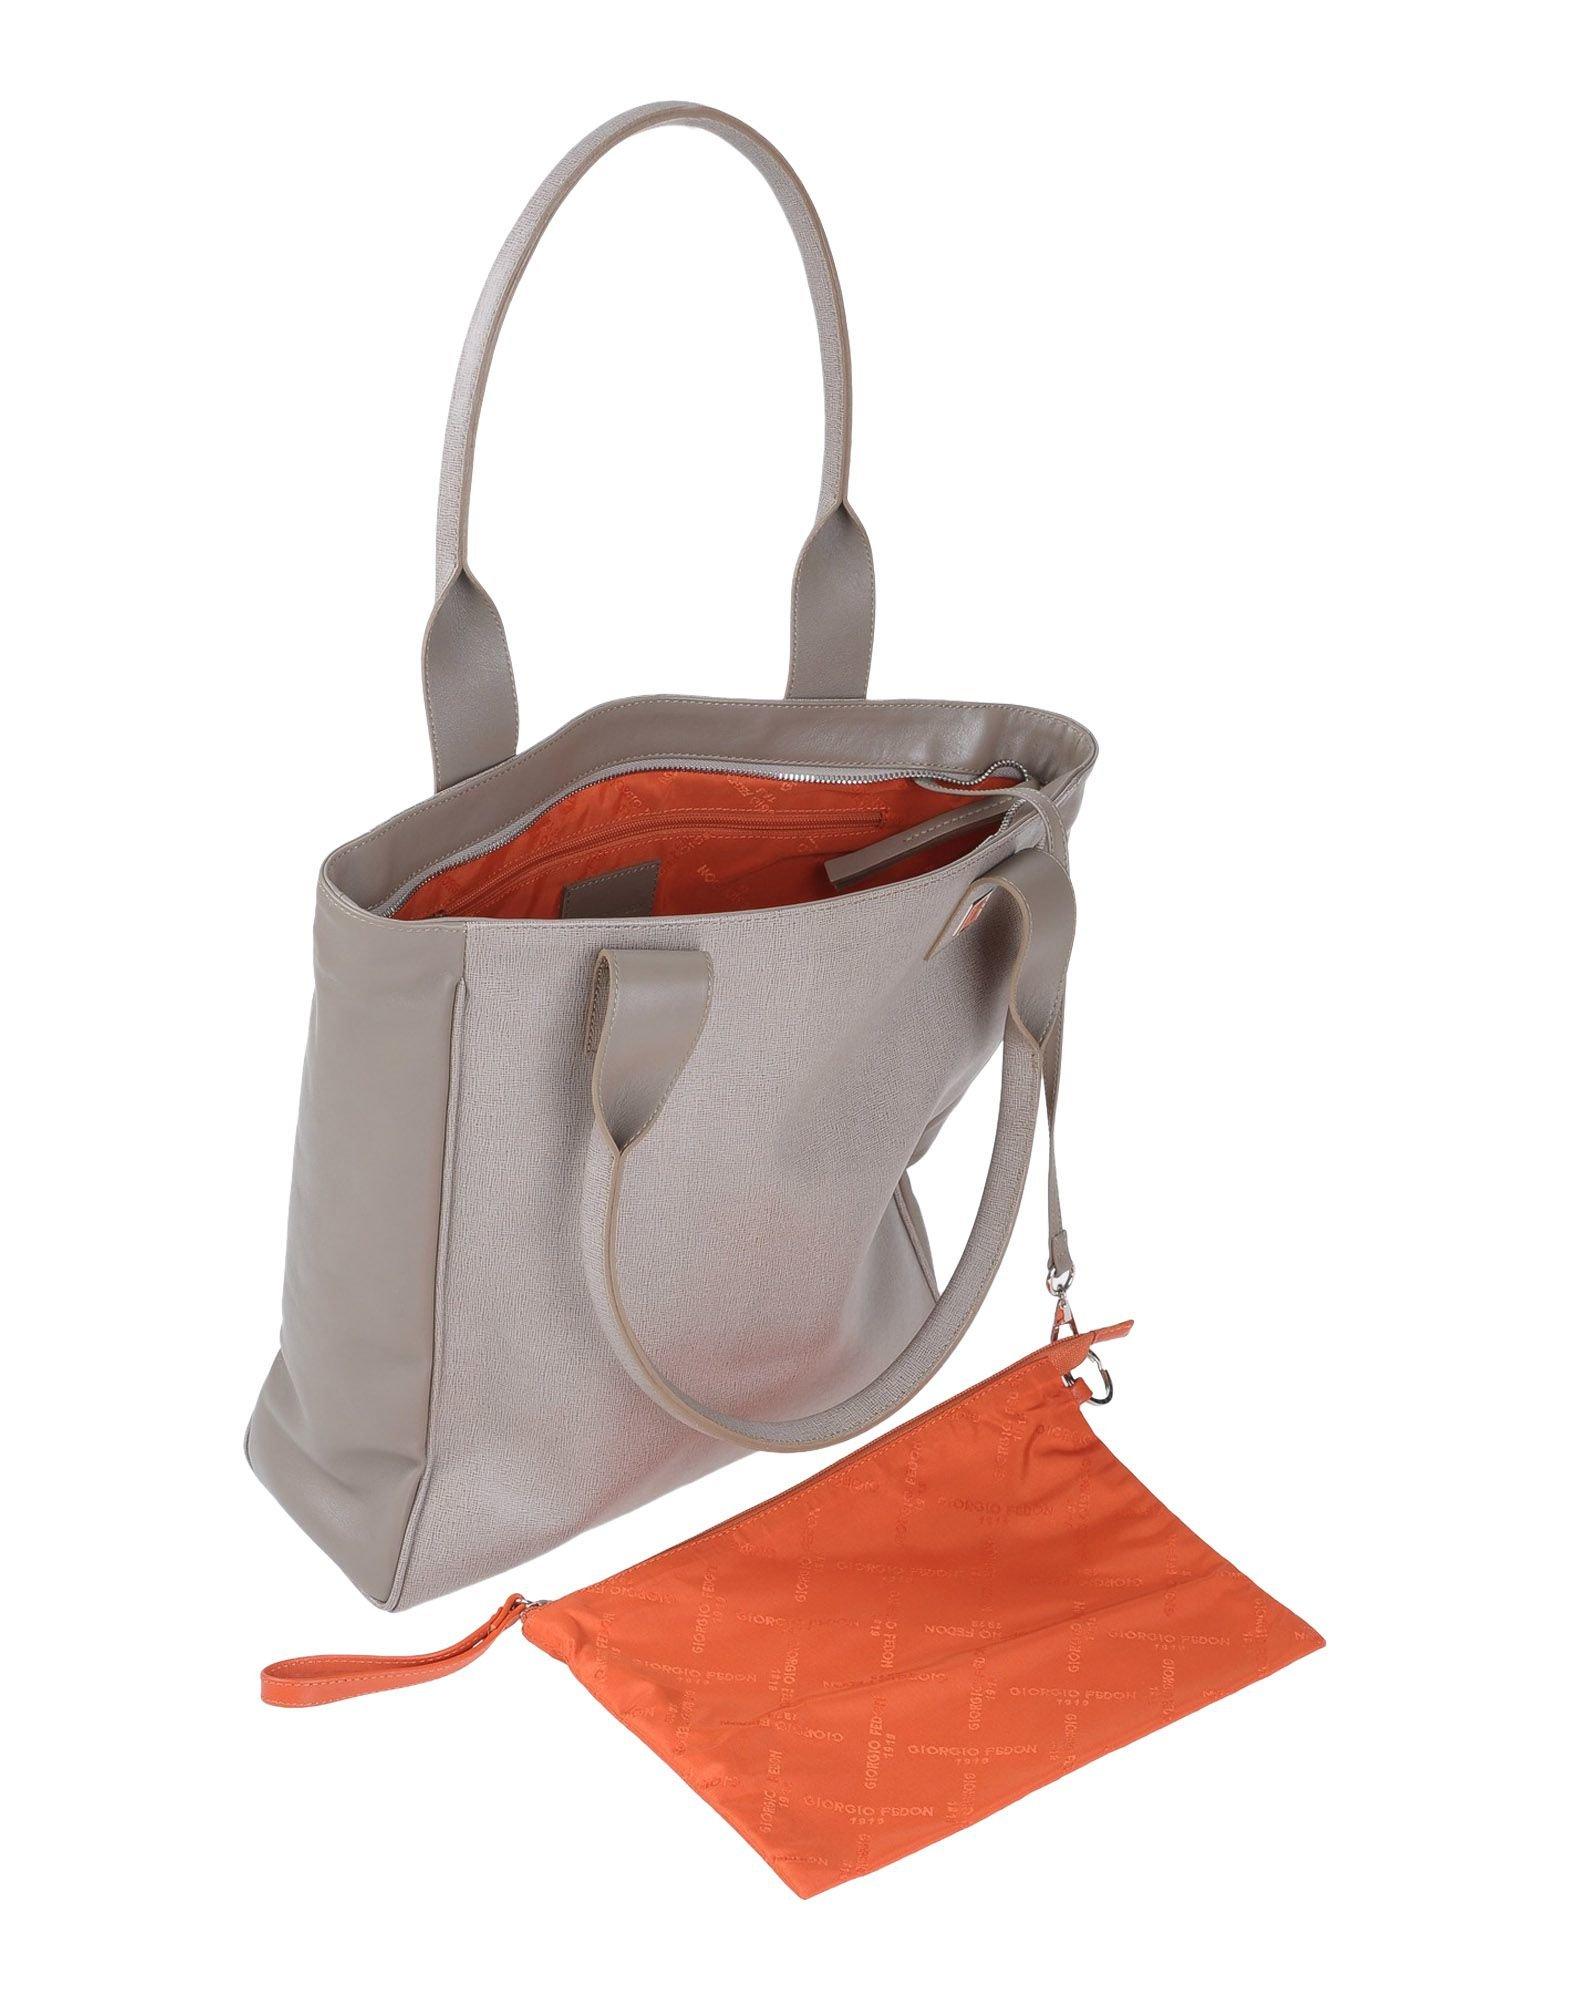 Giorgio fedon Handbag in Gray